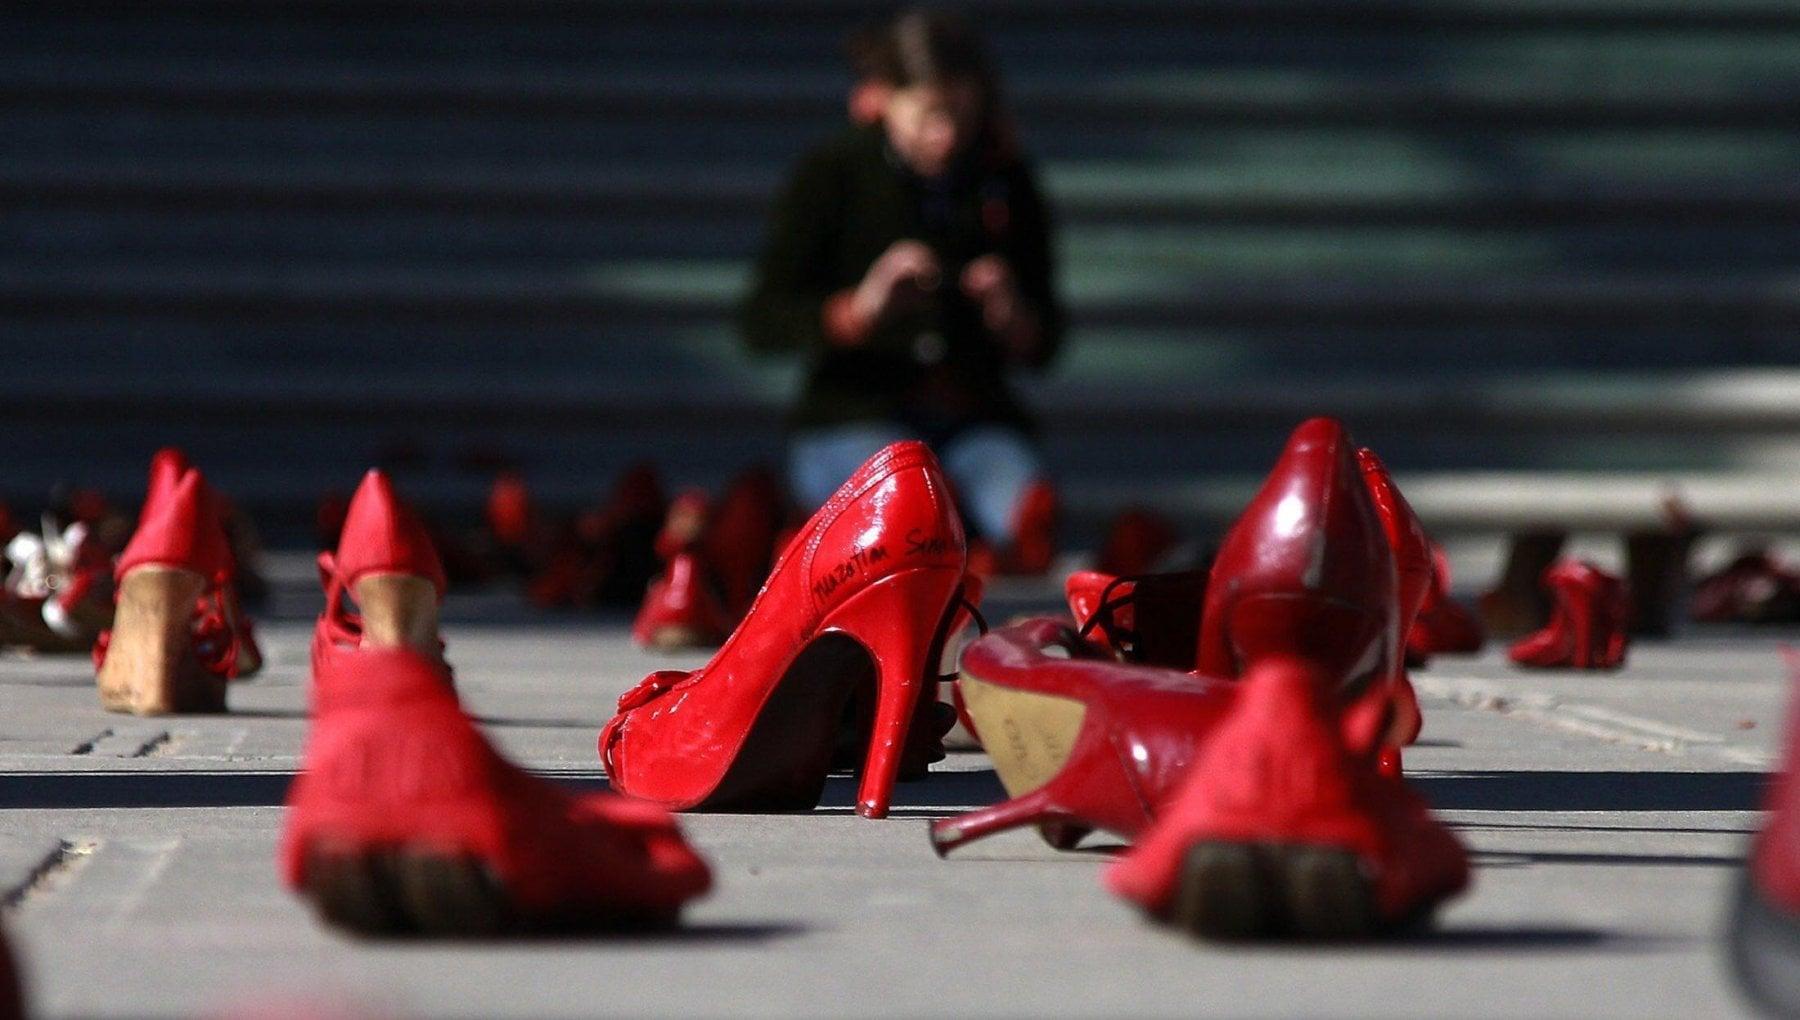 Il Codice rosso svela la piaga revenge porn. Due vittime al giorno